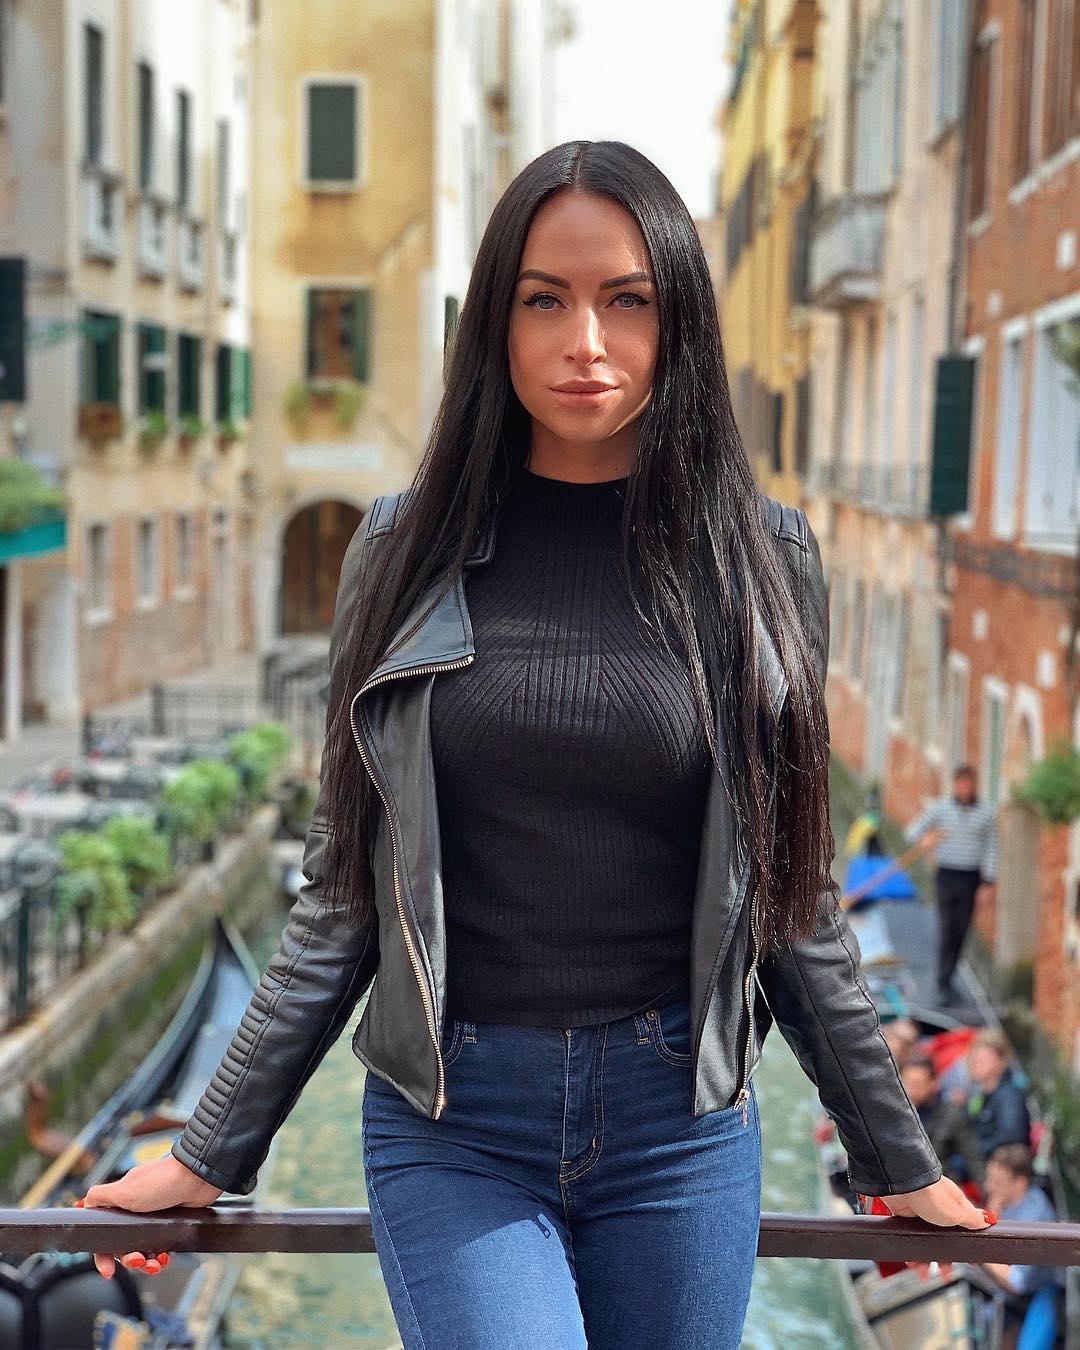 Olga-Mikhailyuk-9